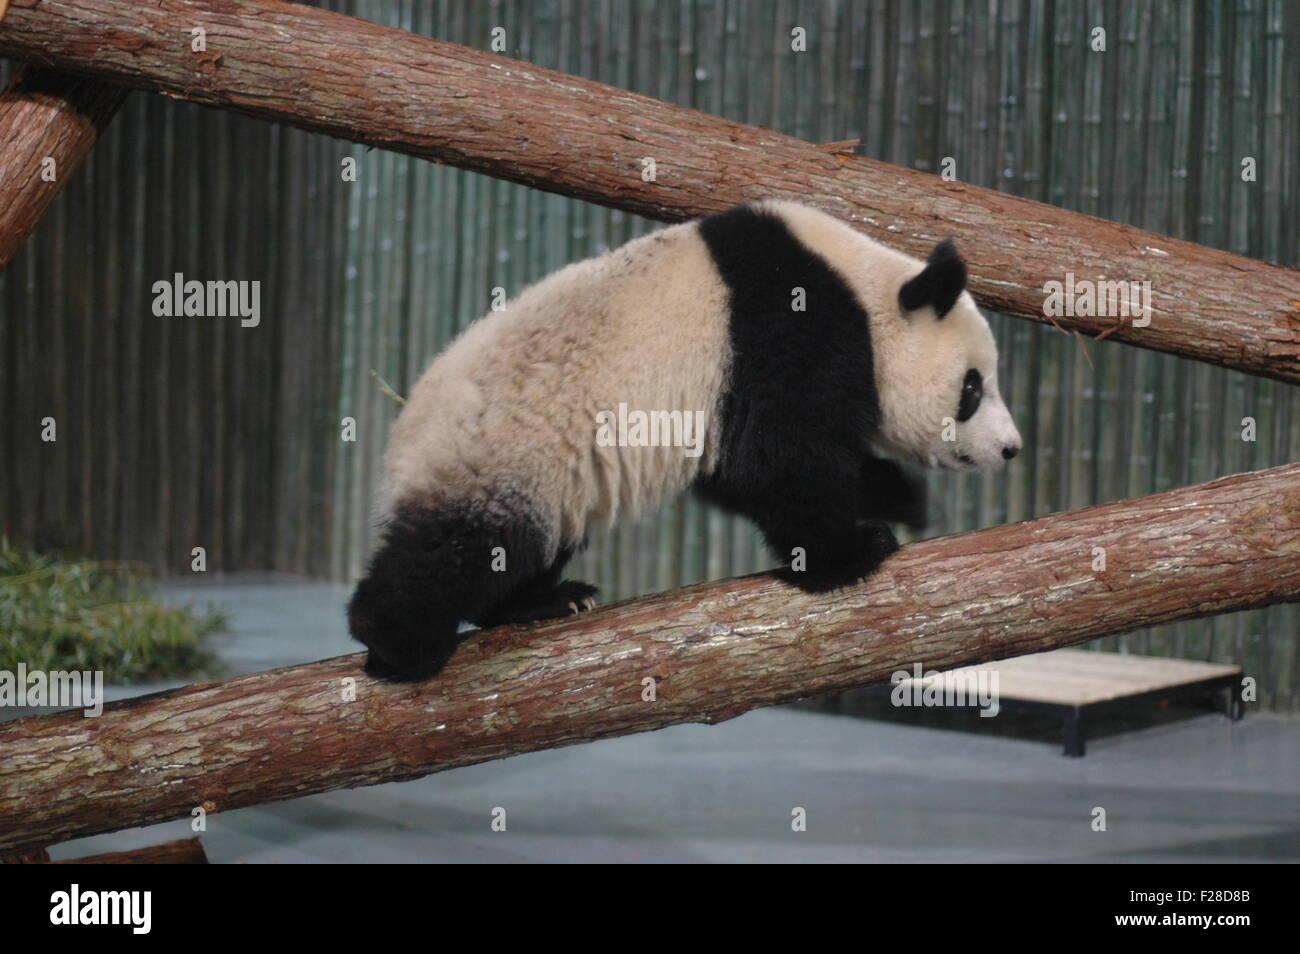 Un panda gigante para la Expo Mundial 2010 es visto en el zoo de Shanghai, 5 de enero de 2010. Diez pandas gigantes Imagen De Stock